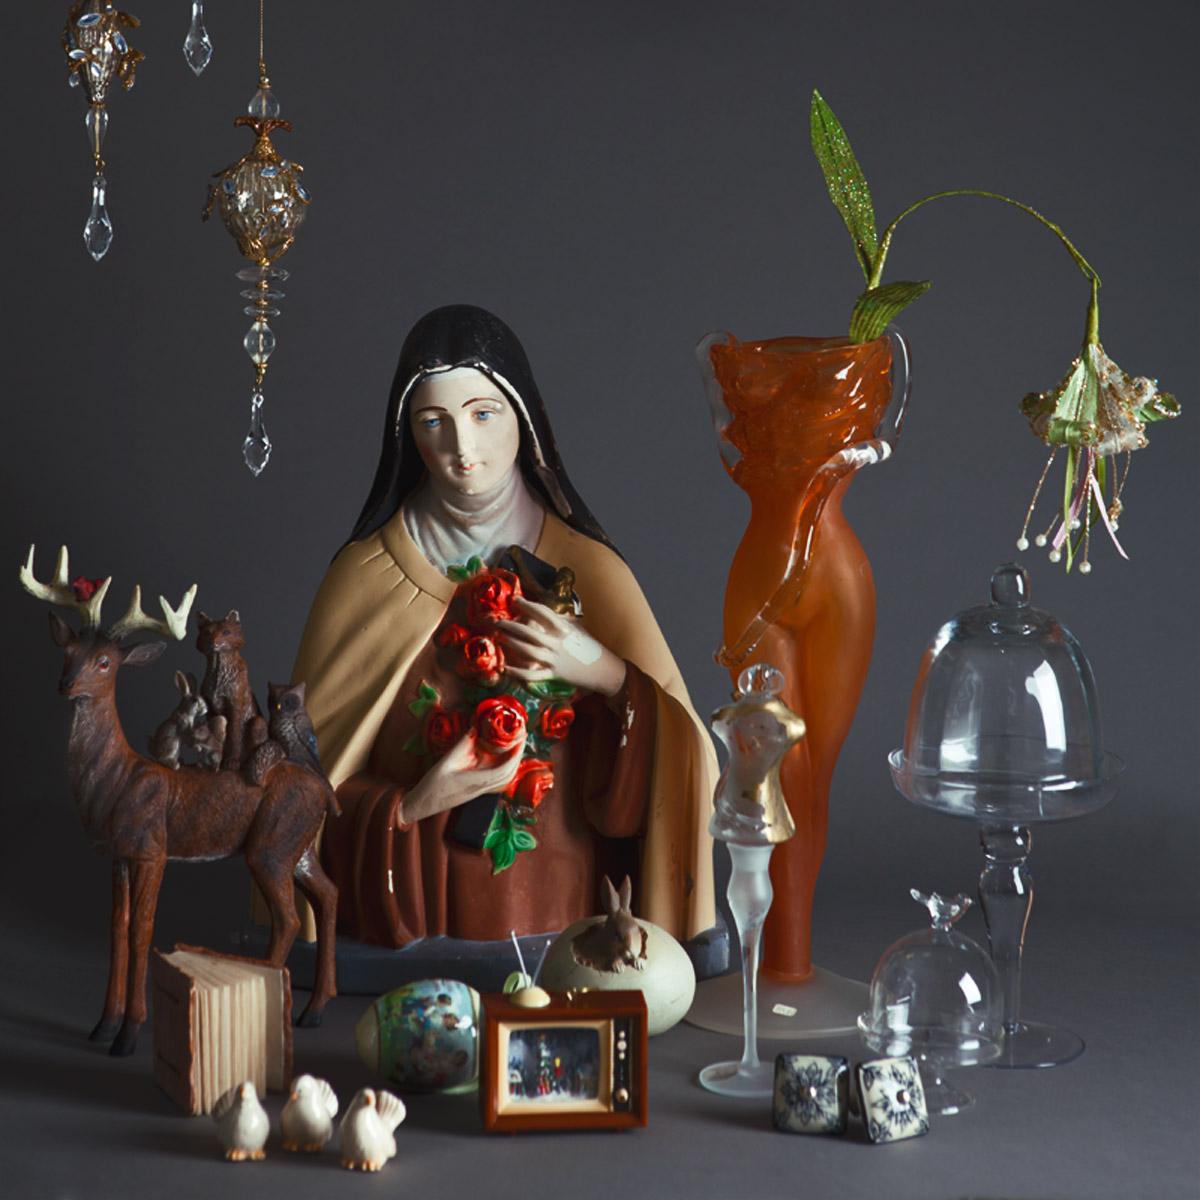 galerie-katinka-stilleven-moeder-theresia-kerstbal-kerstornament-deurknop-kerstmis-christmas